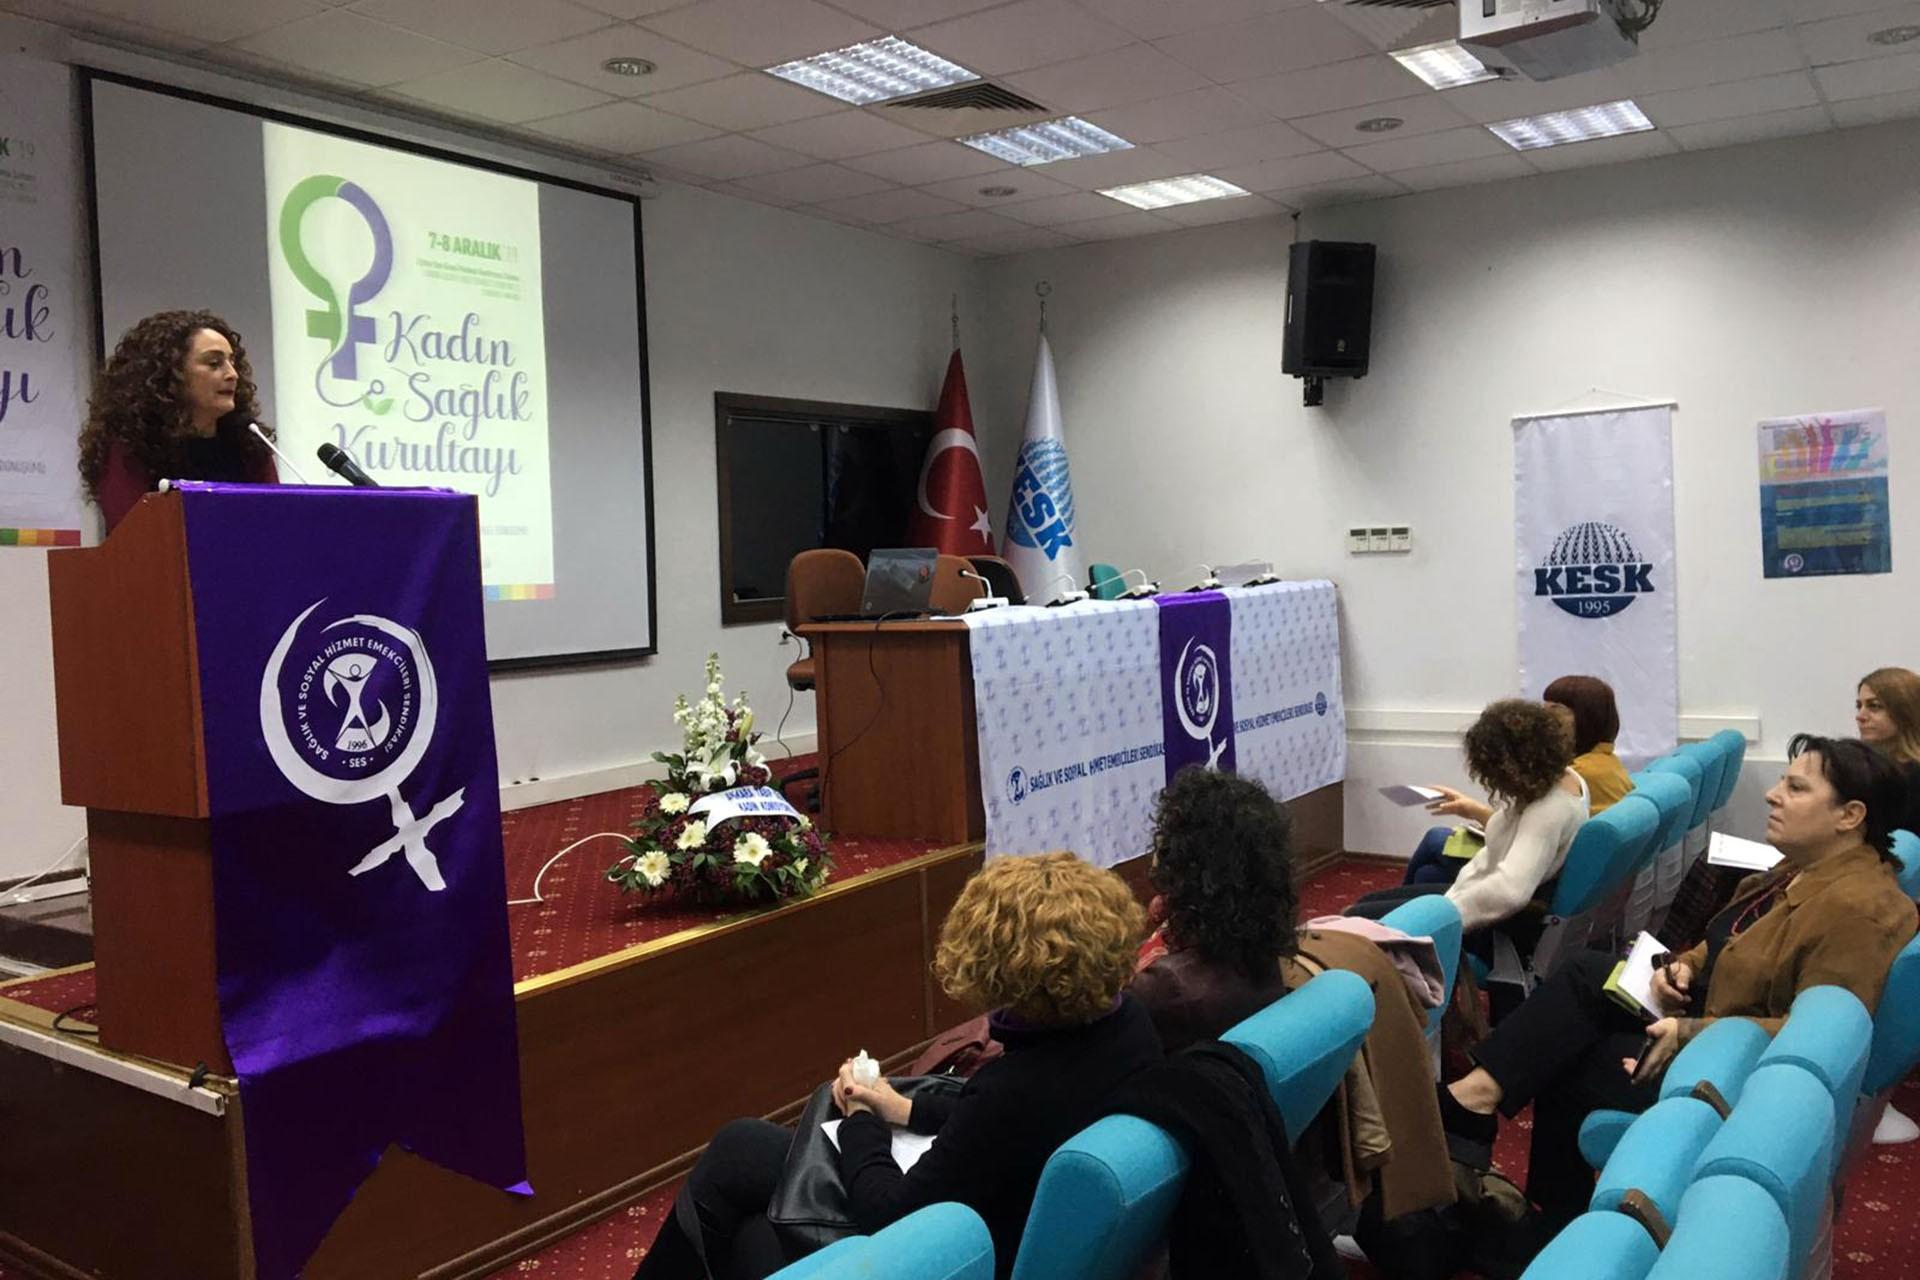 SES Kadın Sağlık Kurultayında konuşmalar yapılıyor